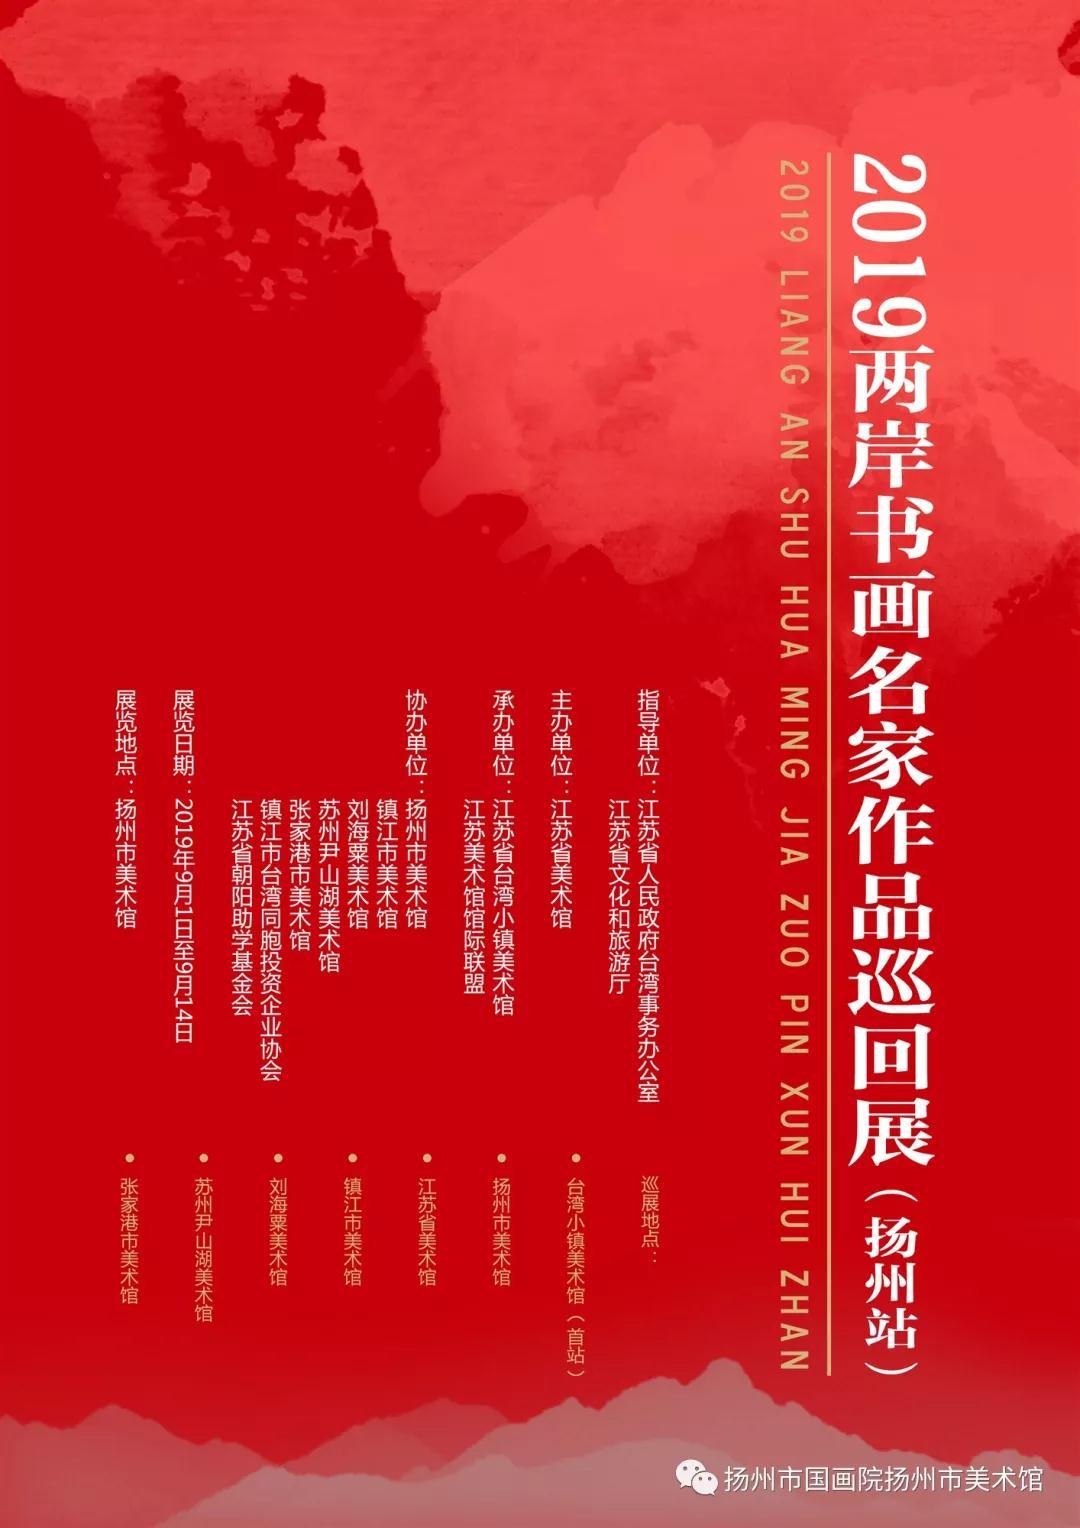 展讯:2019两岸书画名家作品巡回展(扬州站)